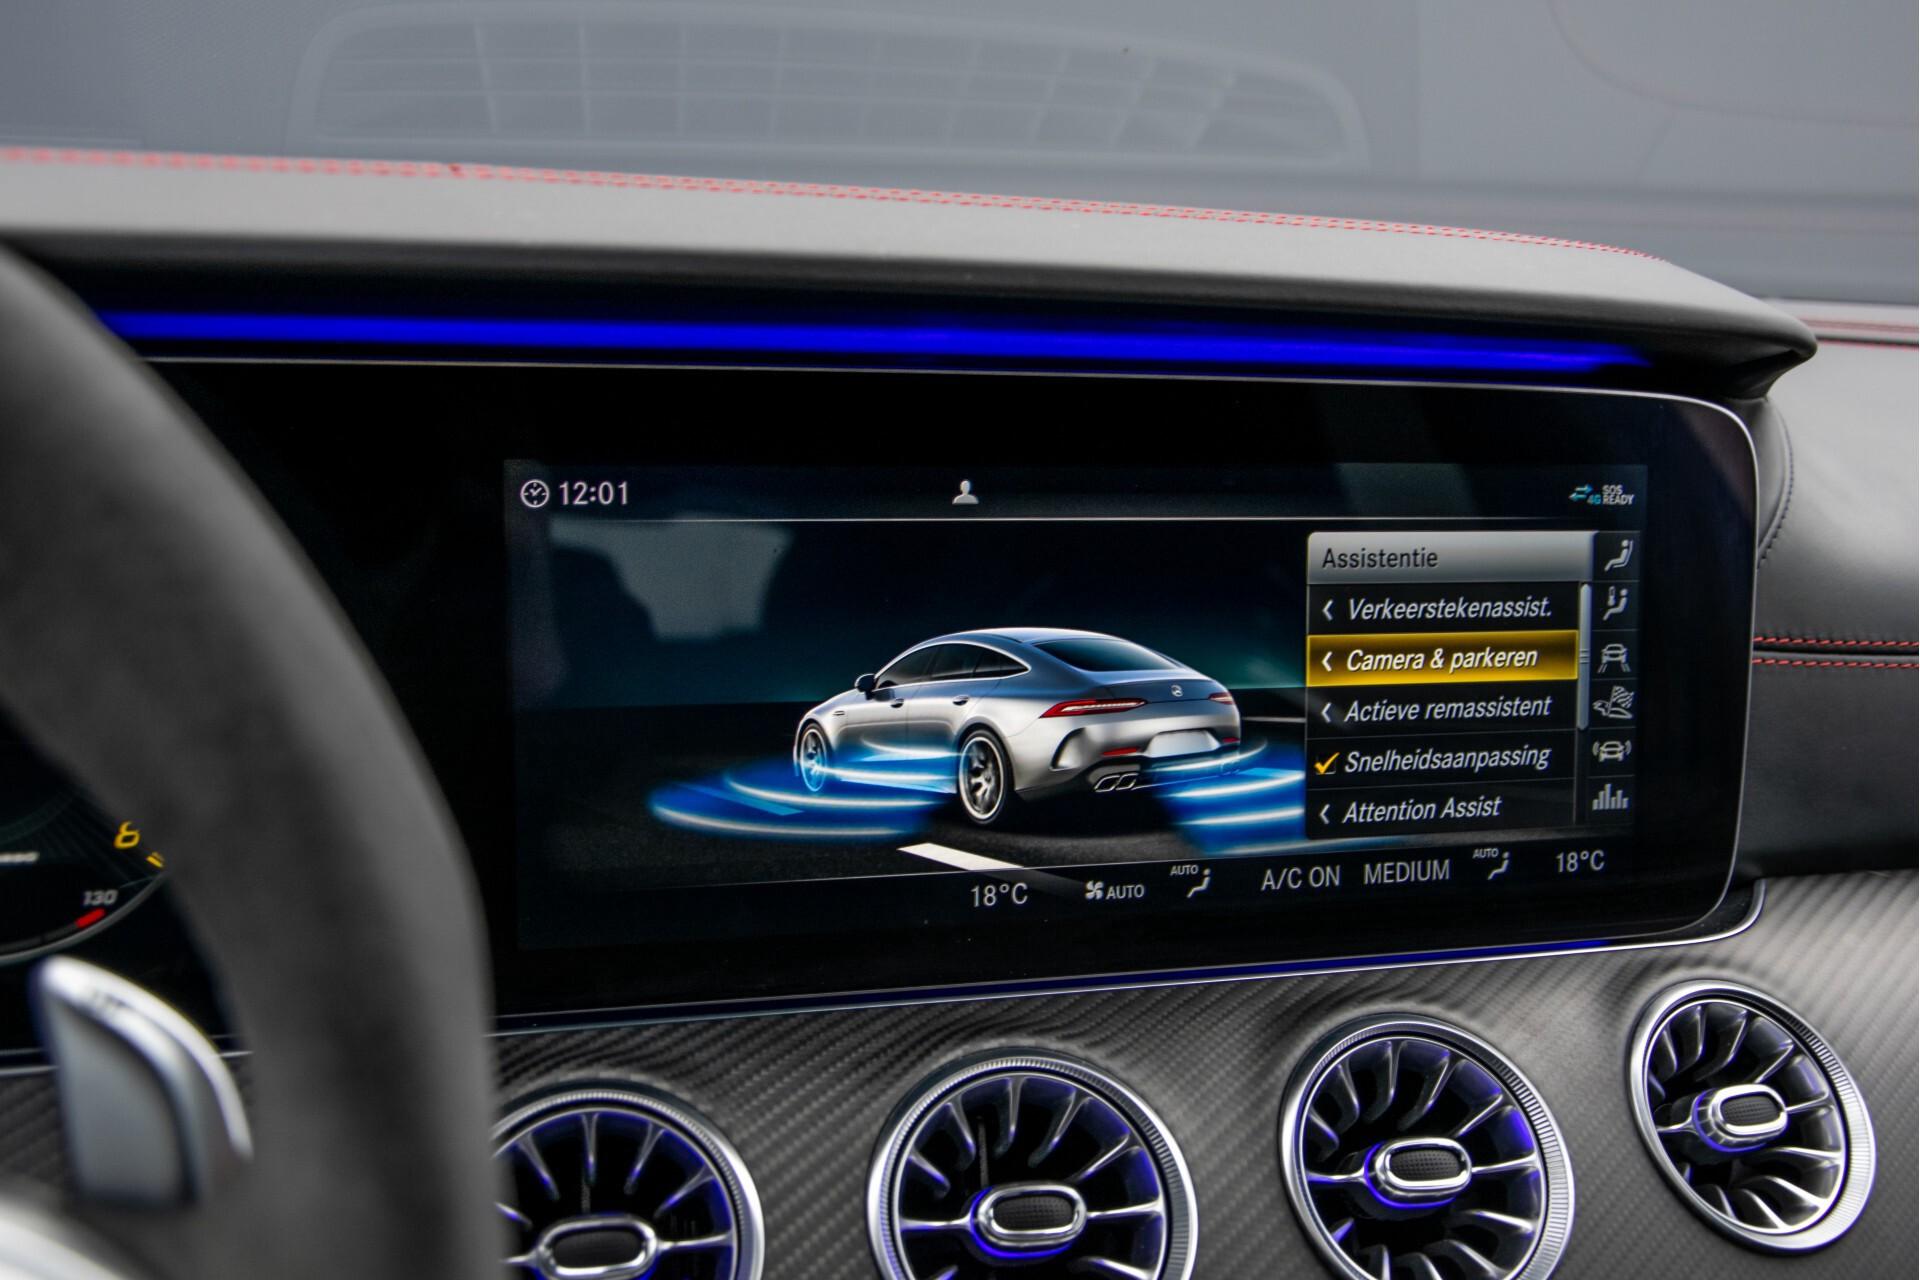 Mercedes-Benz AMG GT 4-Door Coupe 63 S 4M+ Keramisch/Full Carbon/Aerodynamica/Burmester 3D/TV/Performance stoelen/Standkachel Aut9 Foto 37